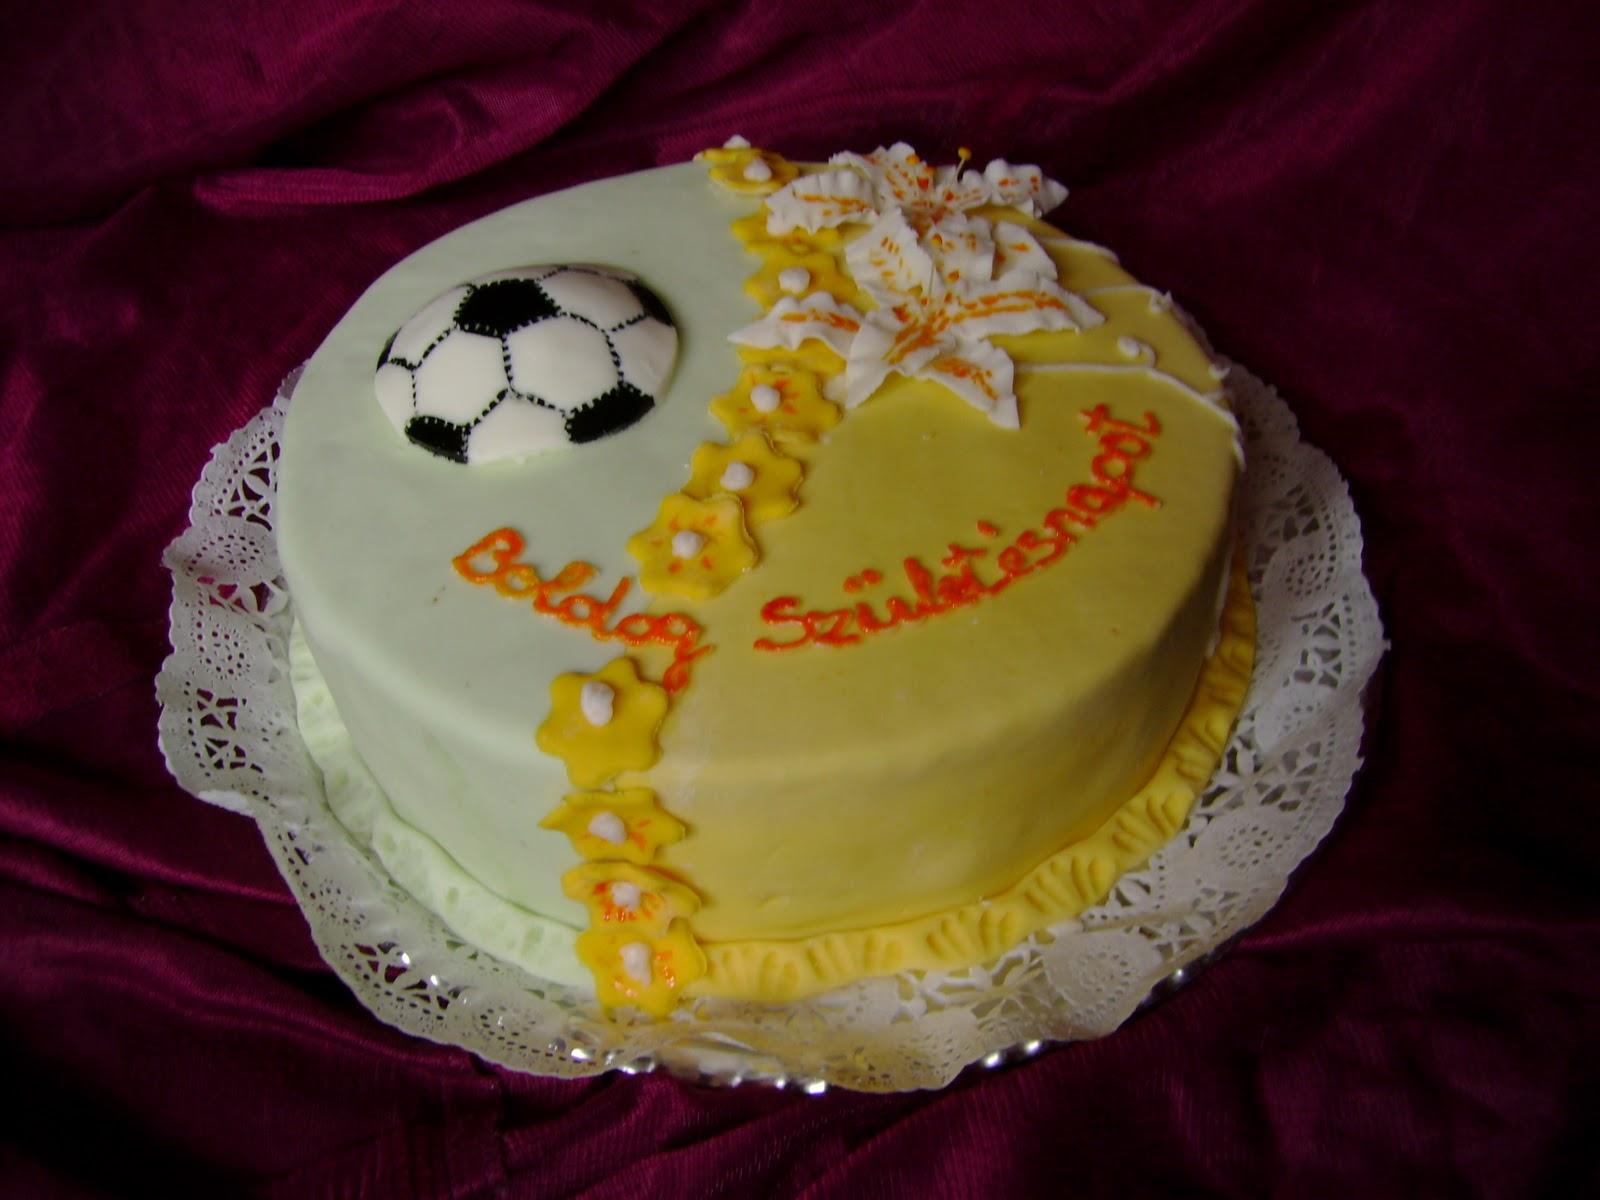 születésnapi torta ikreknek Judit tortácskái: Torta ikreknek születésnapi torta ikreknek